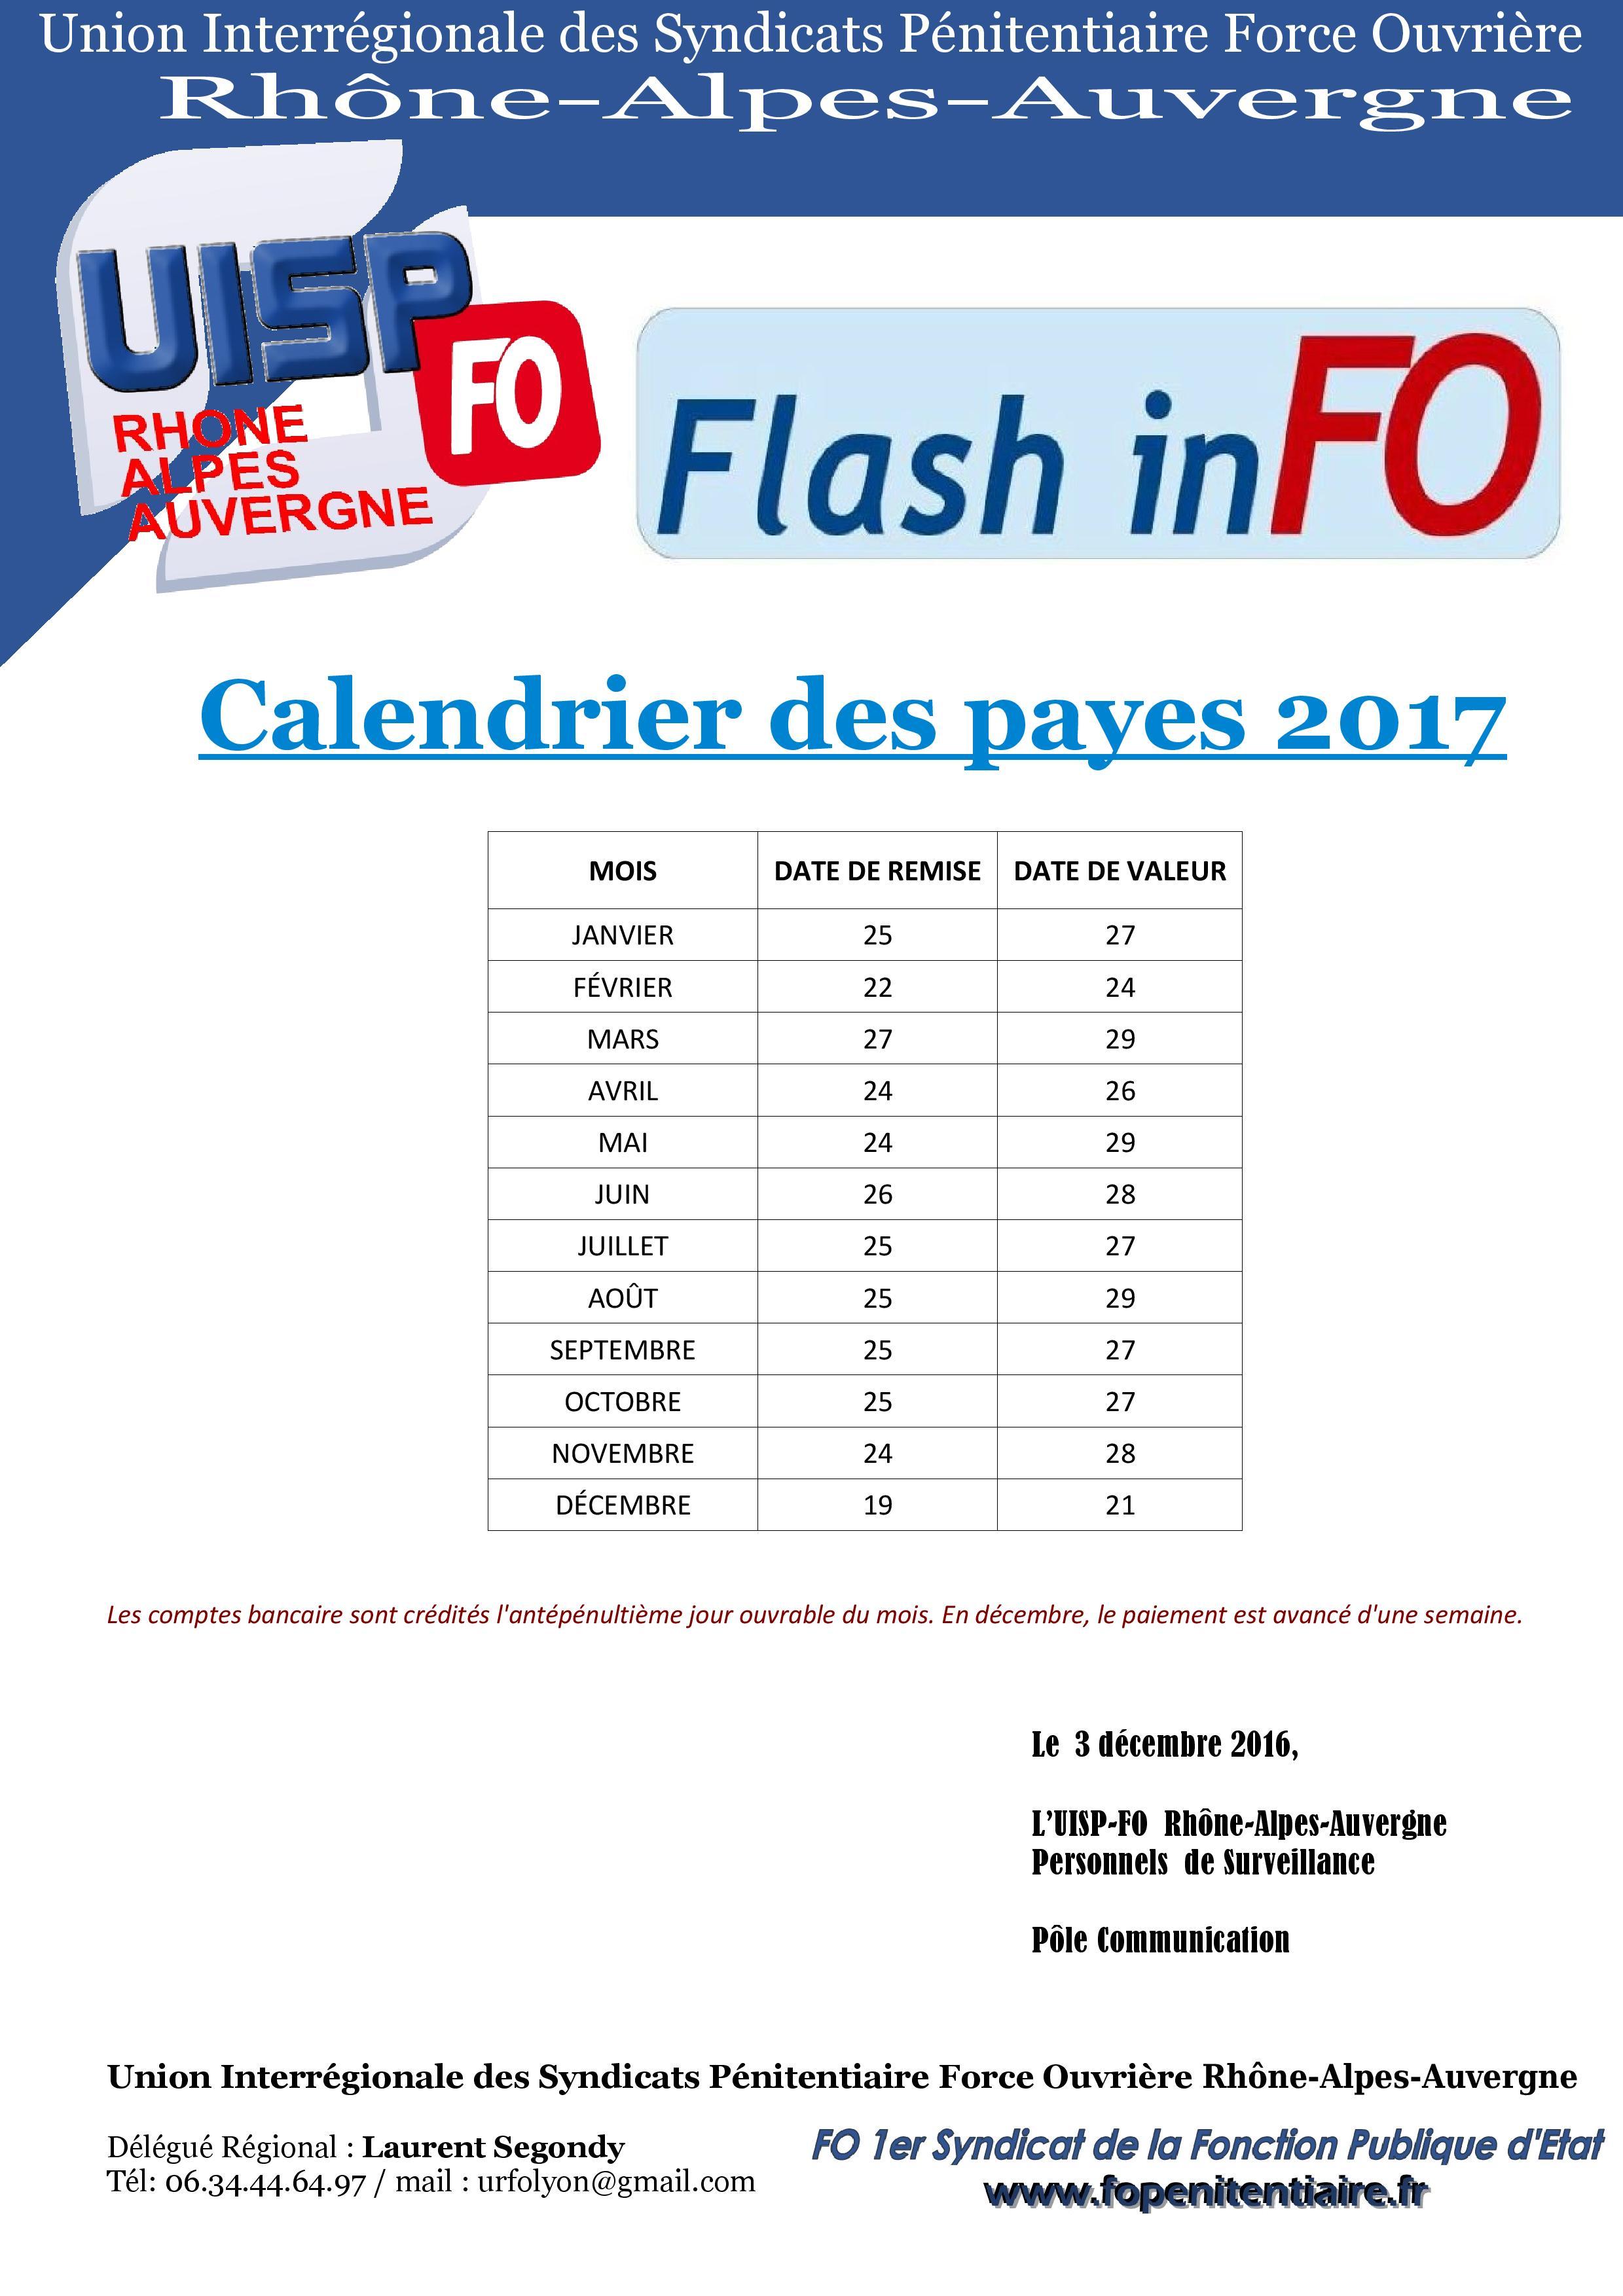 Calendrier des payes 2017 – FO Pénitentiaire – UISP Rhône Alpes